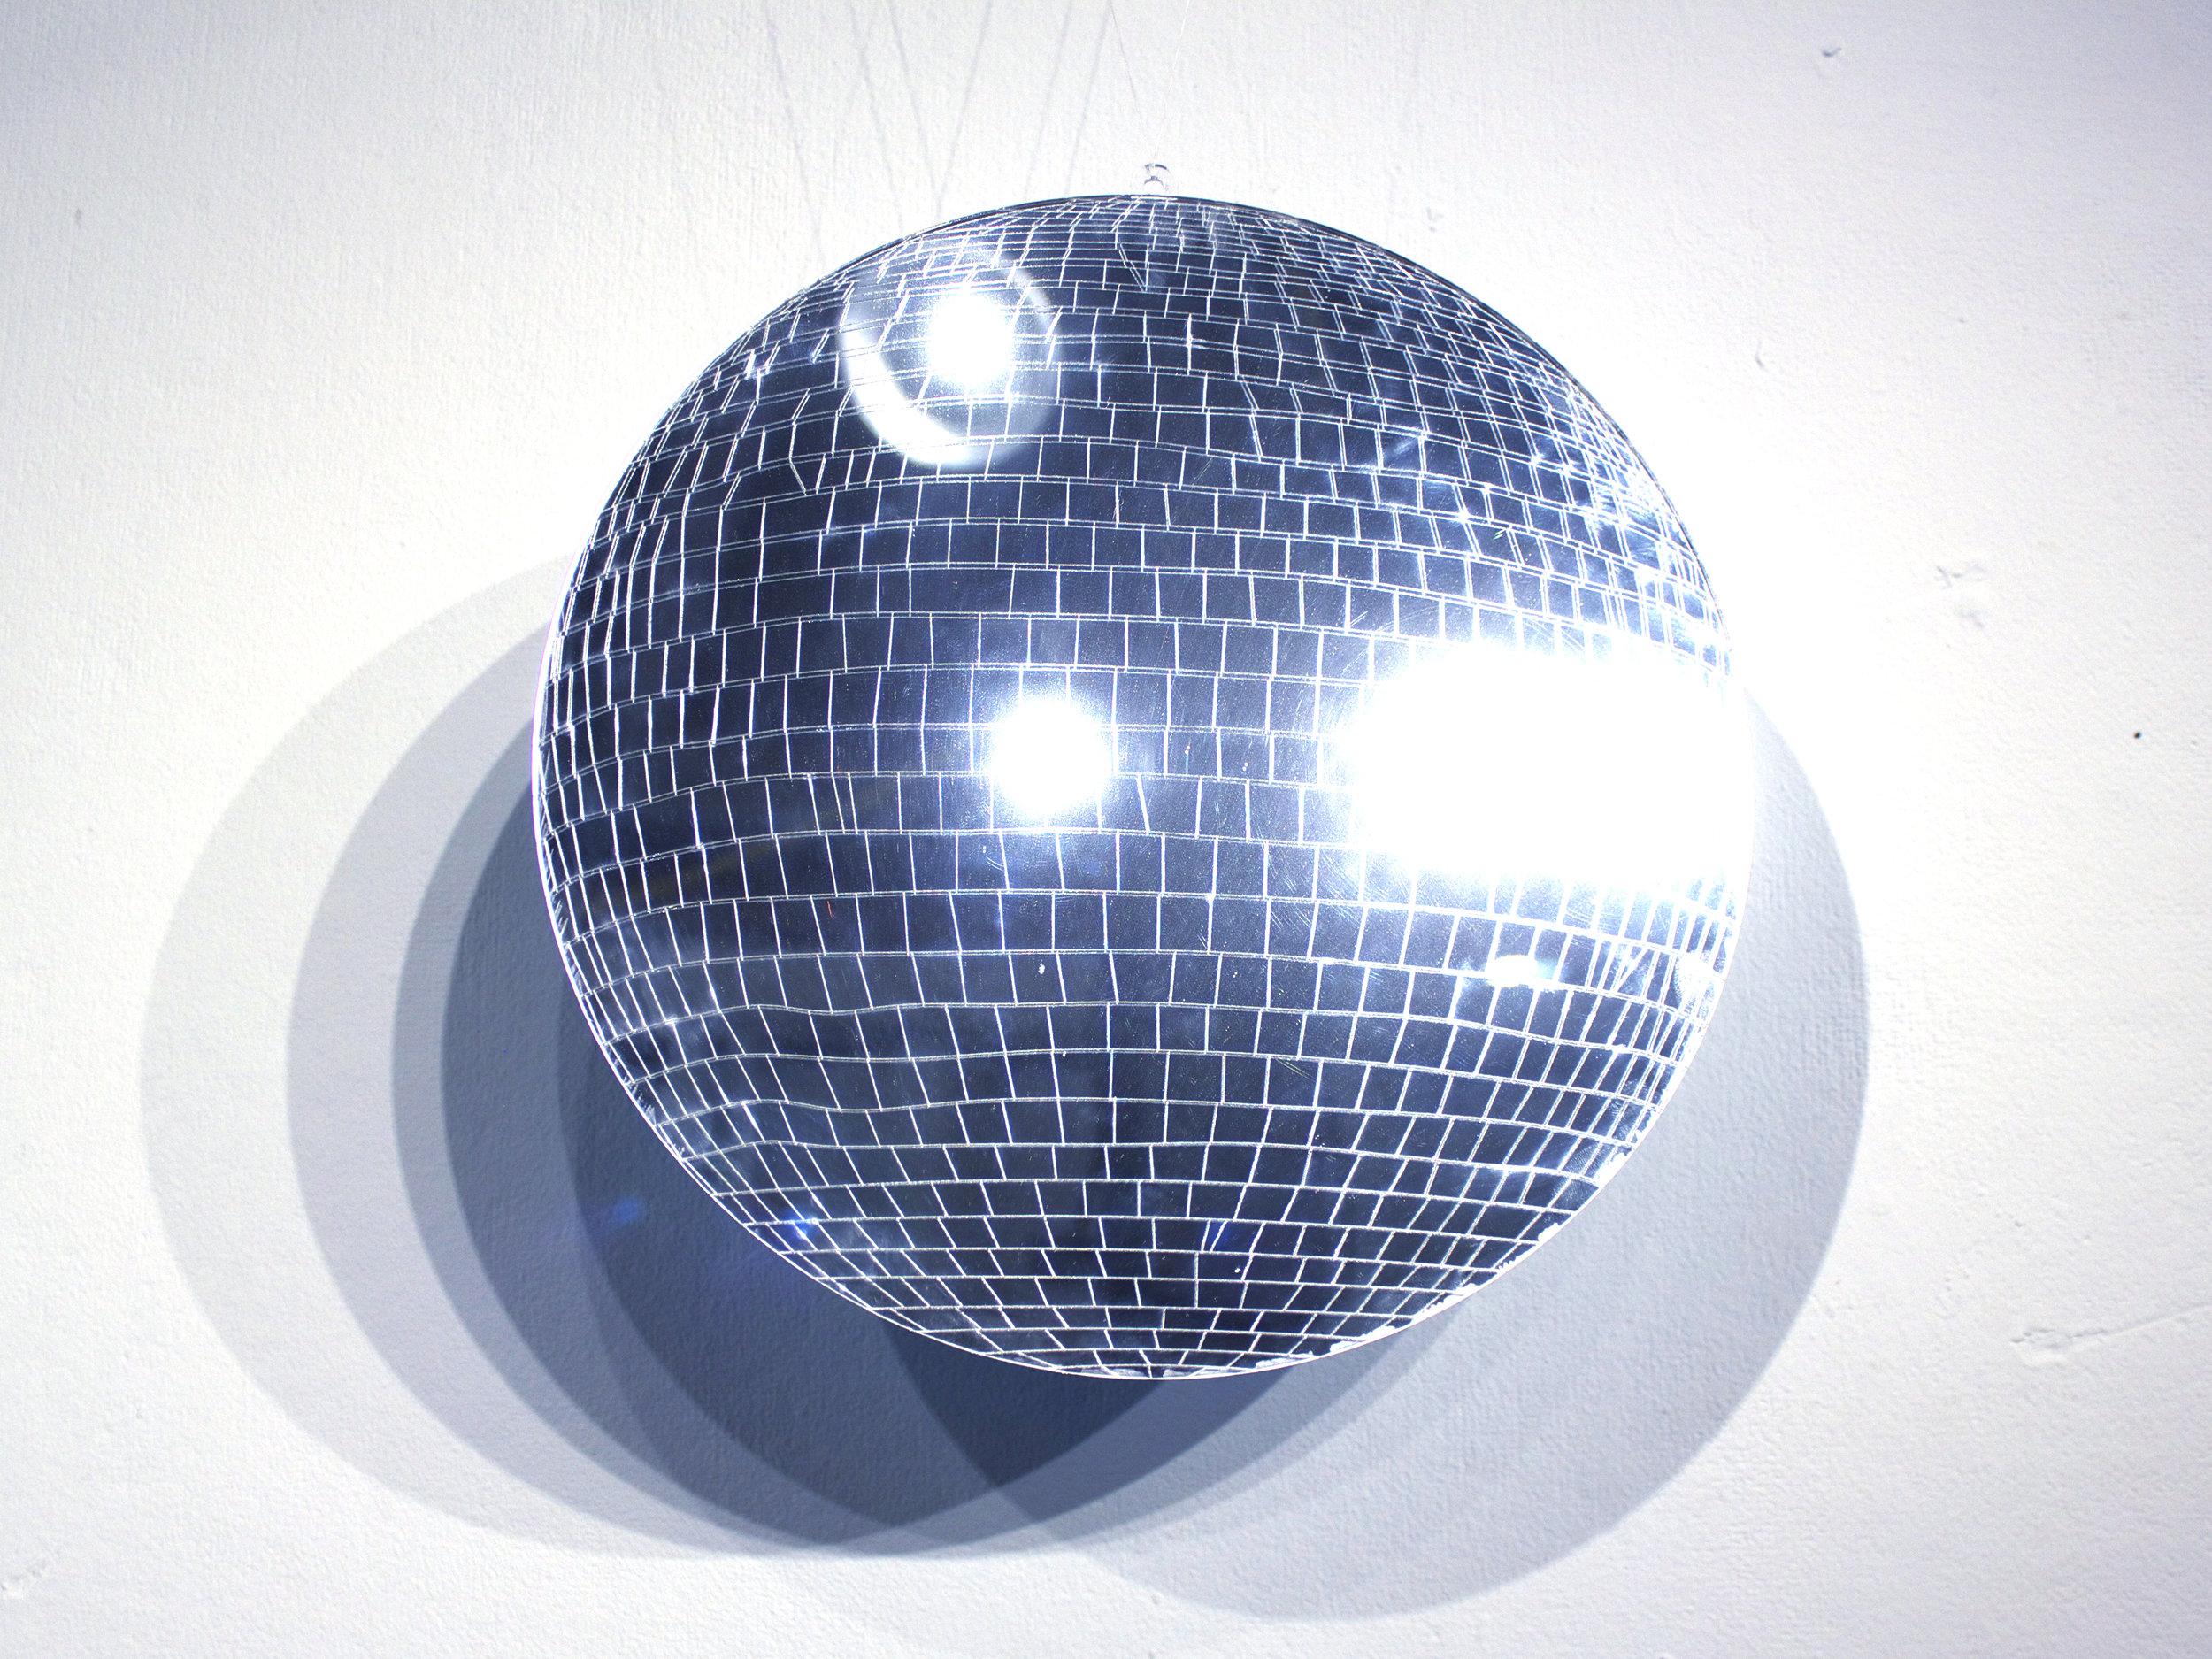 DiscoBall_KeenanBennett02.jpg